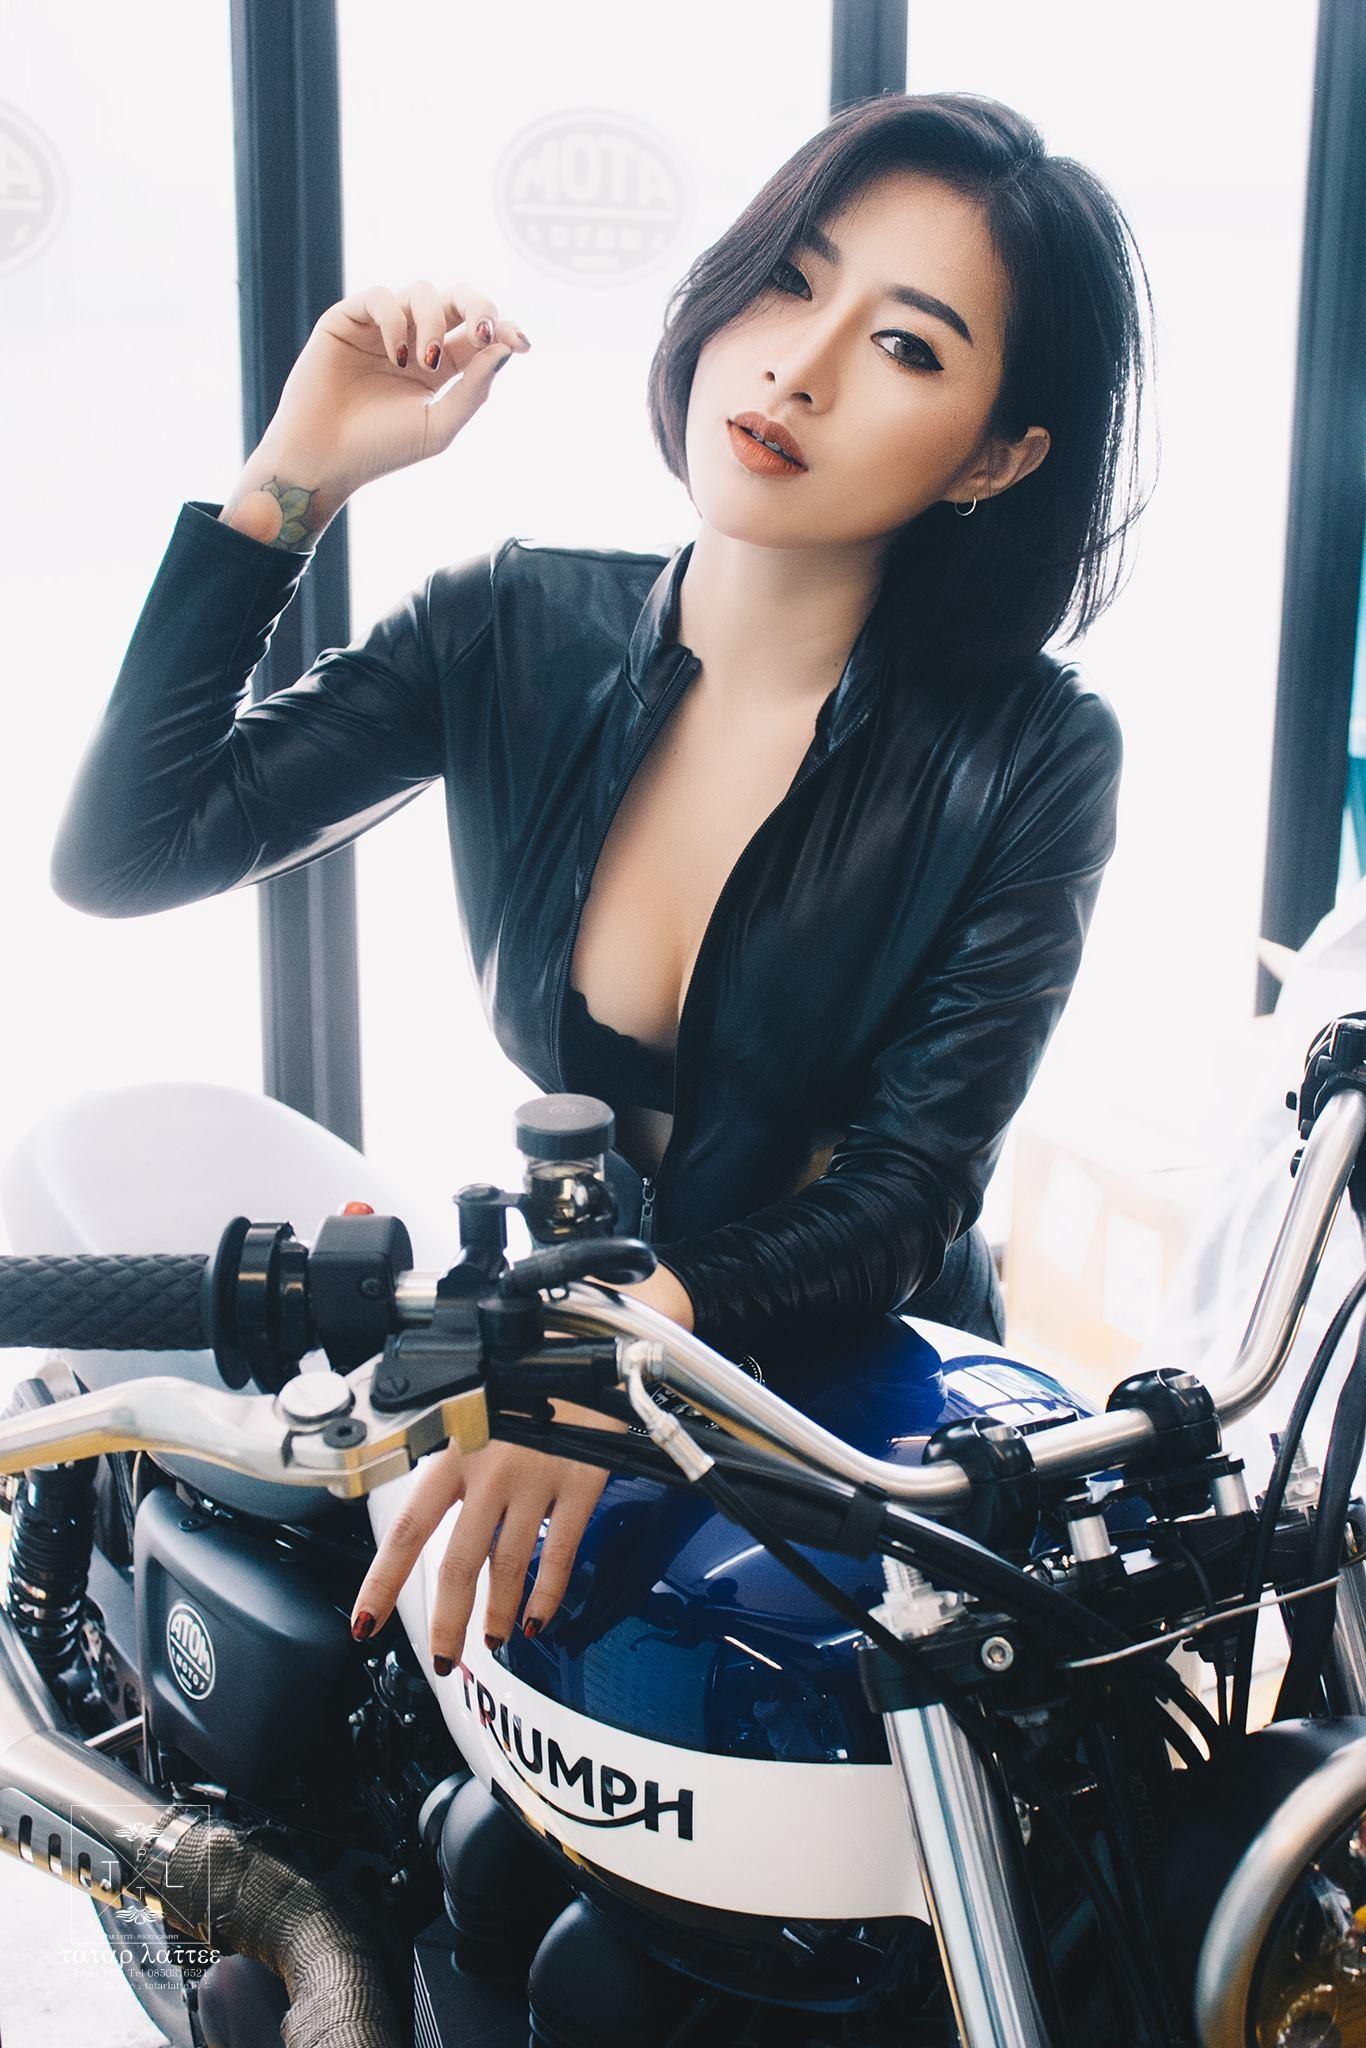 """Nữ biker """"vô tình"""" lộ vòng 1 nóng bỏng trong khi kiểm tra mô tô - 4"""